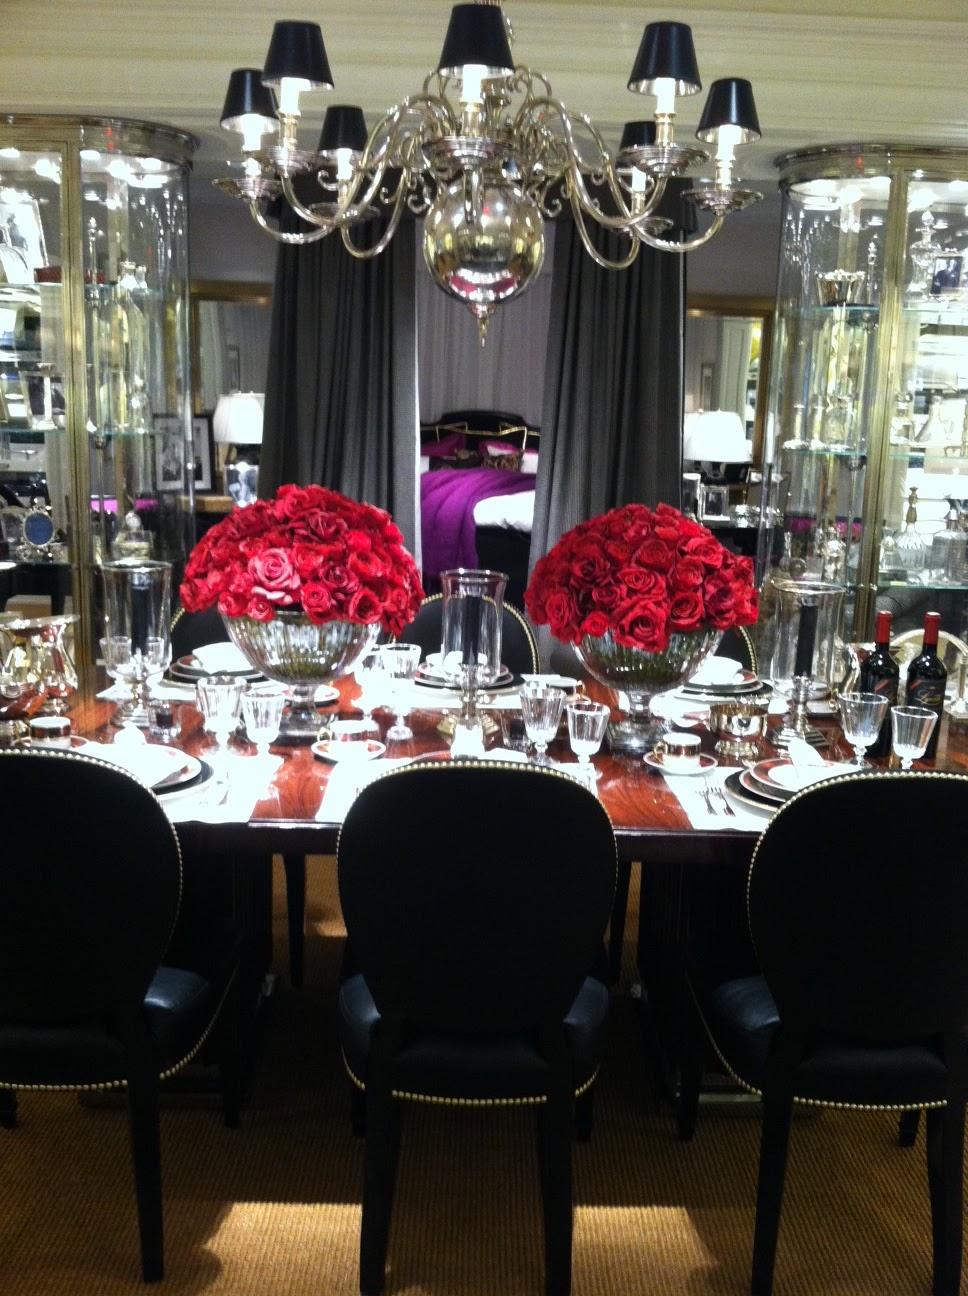 haute indoor couture ralph lauren apartment no one ralph lauren apartment no one